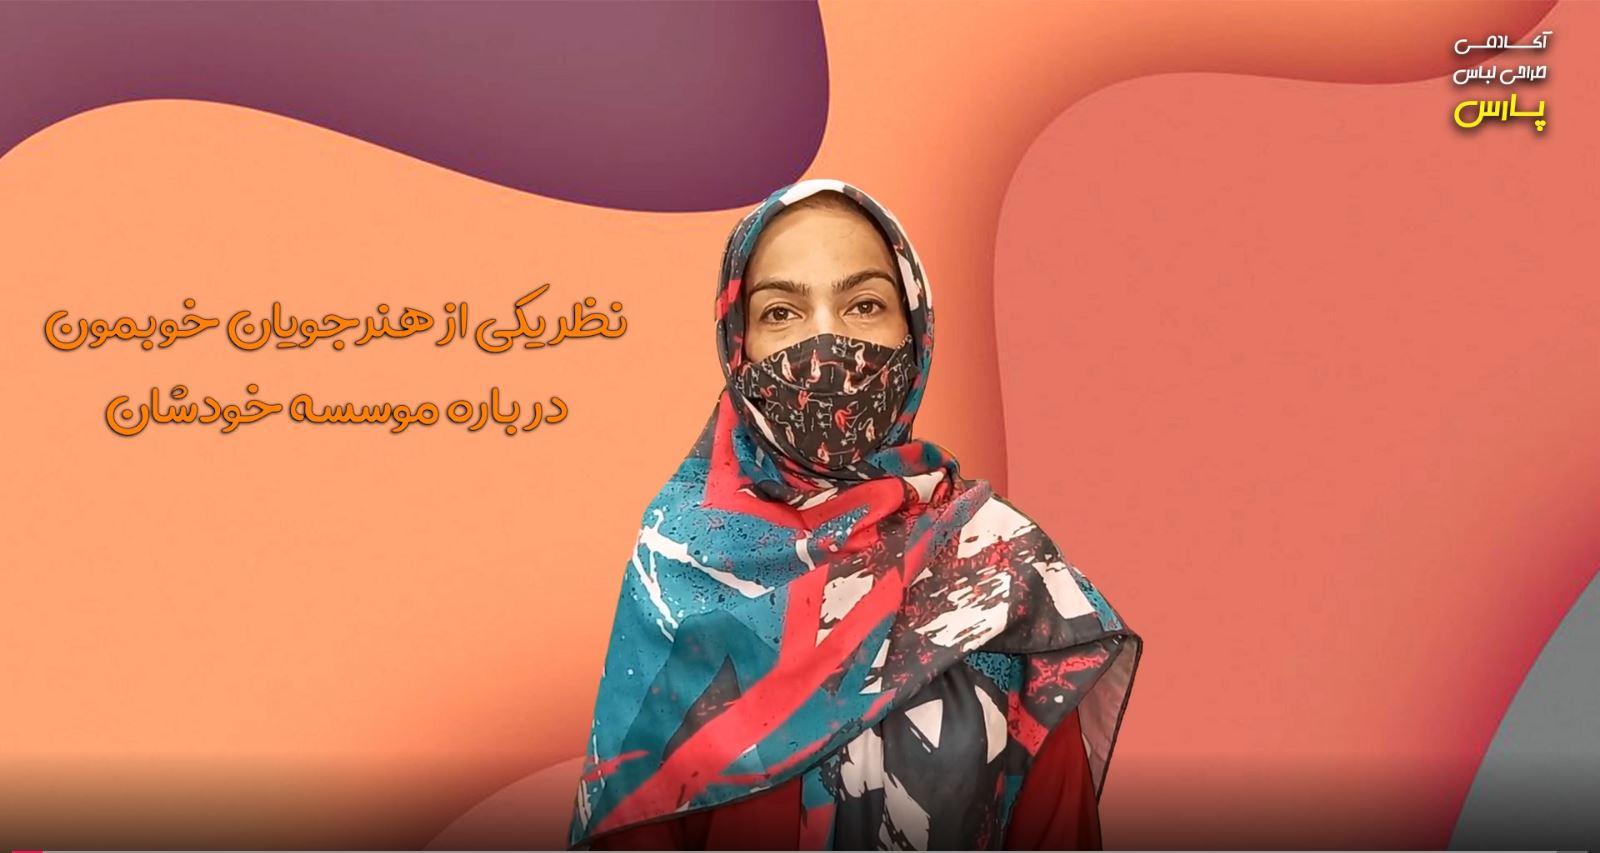 نظر هنرجوی آکادمی پارس